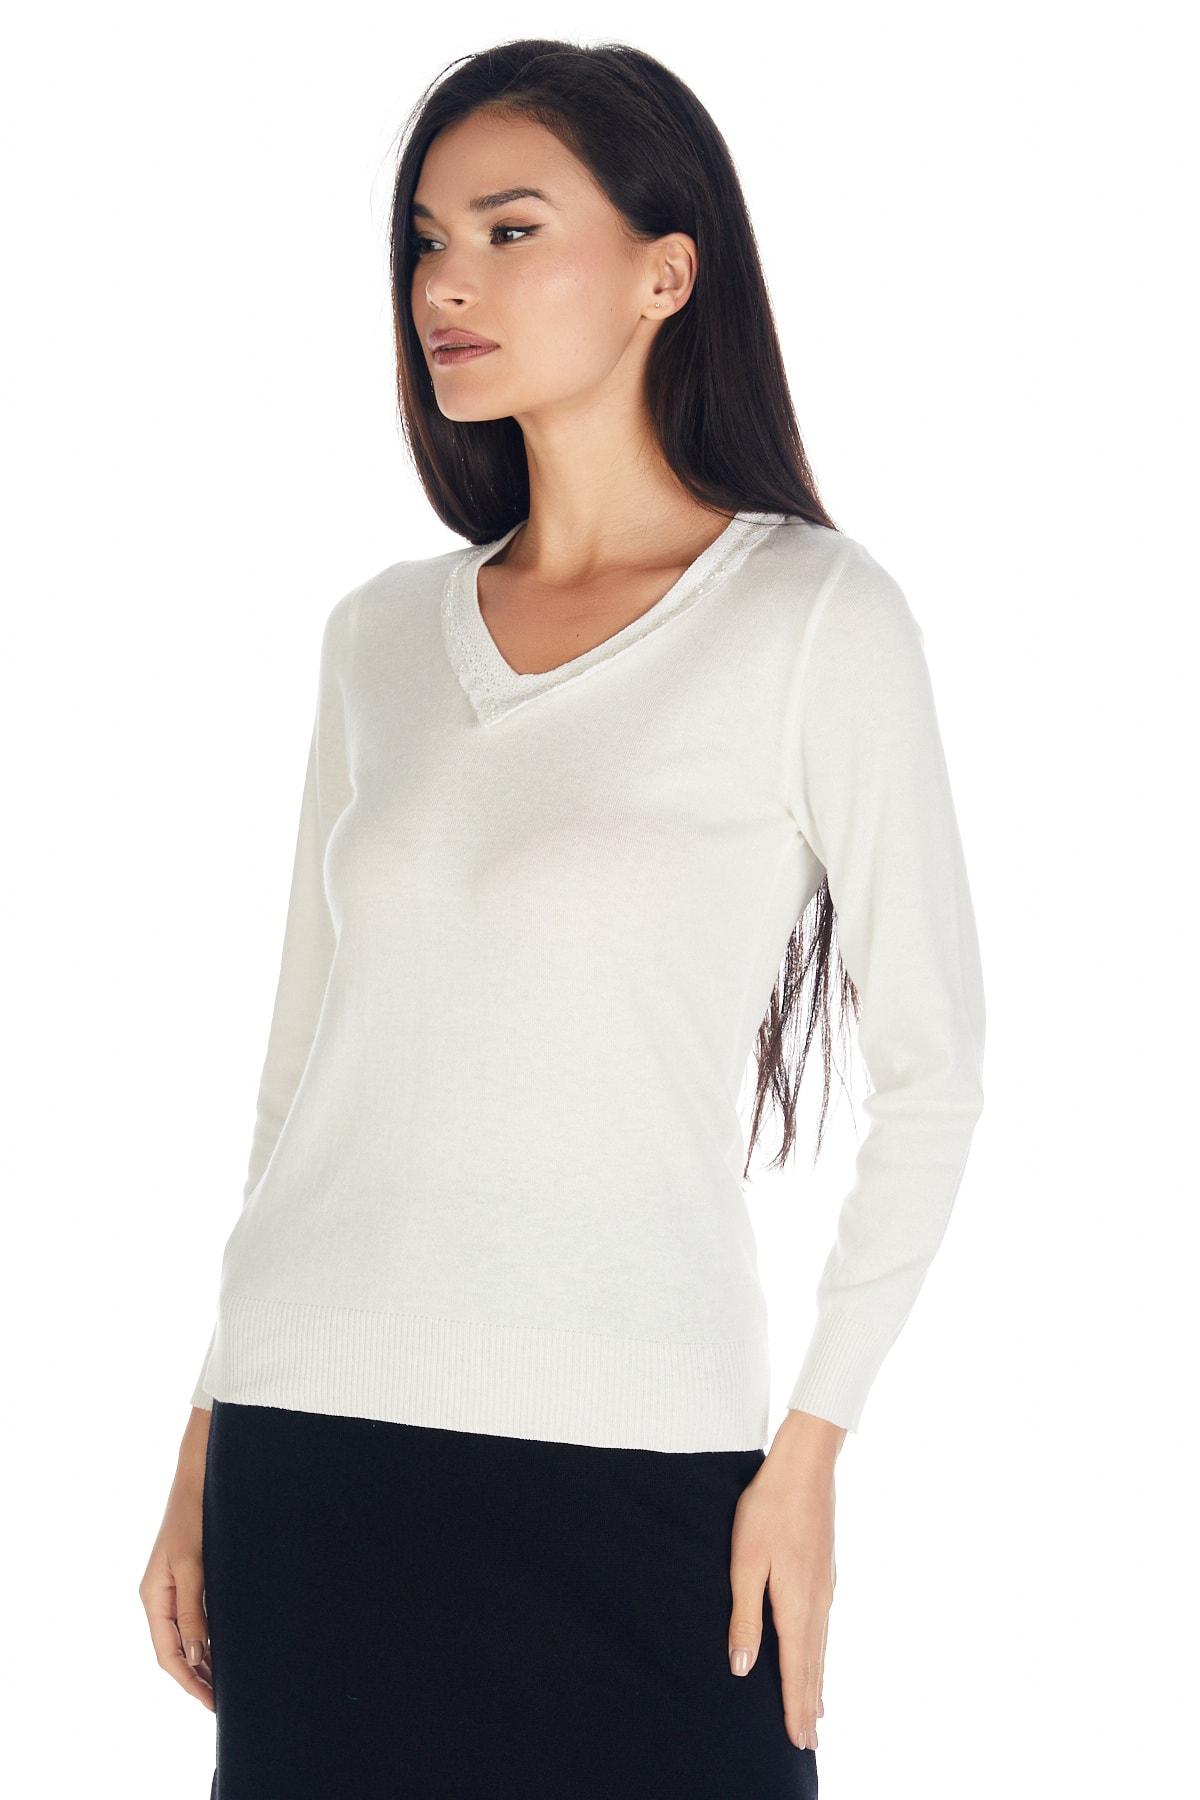 Solo Triko Kadın Ecru V Yaka Dantel Detaylı Viskoz Bluz Uzun Kol 2